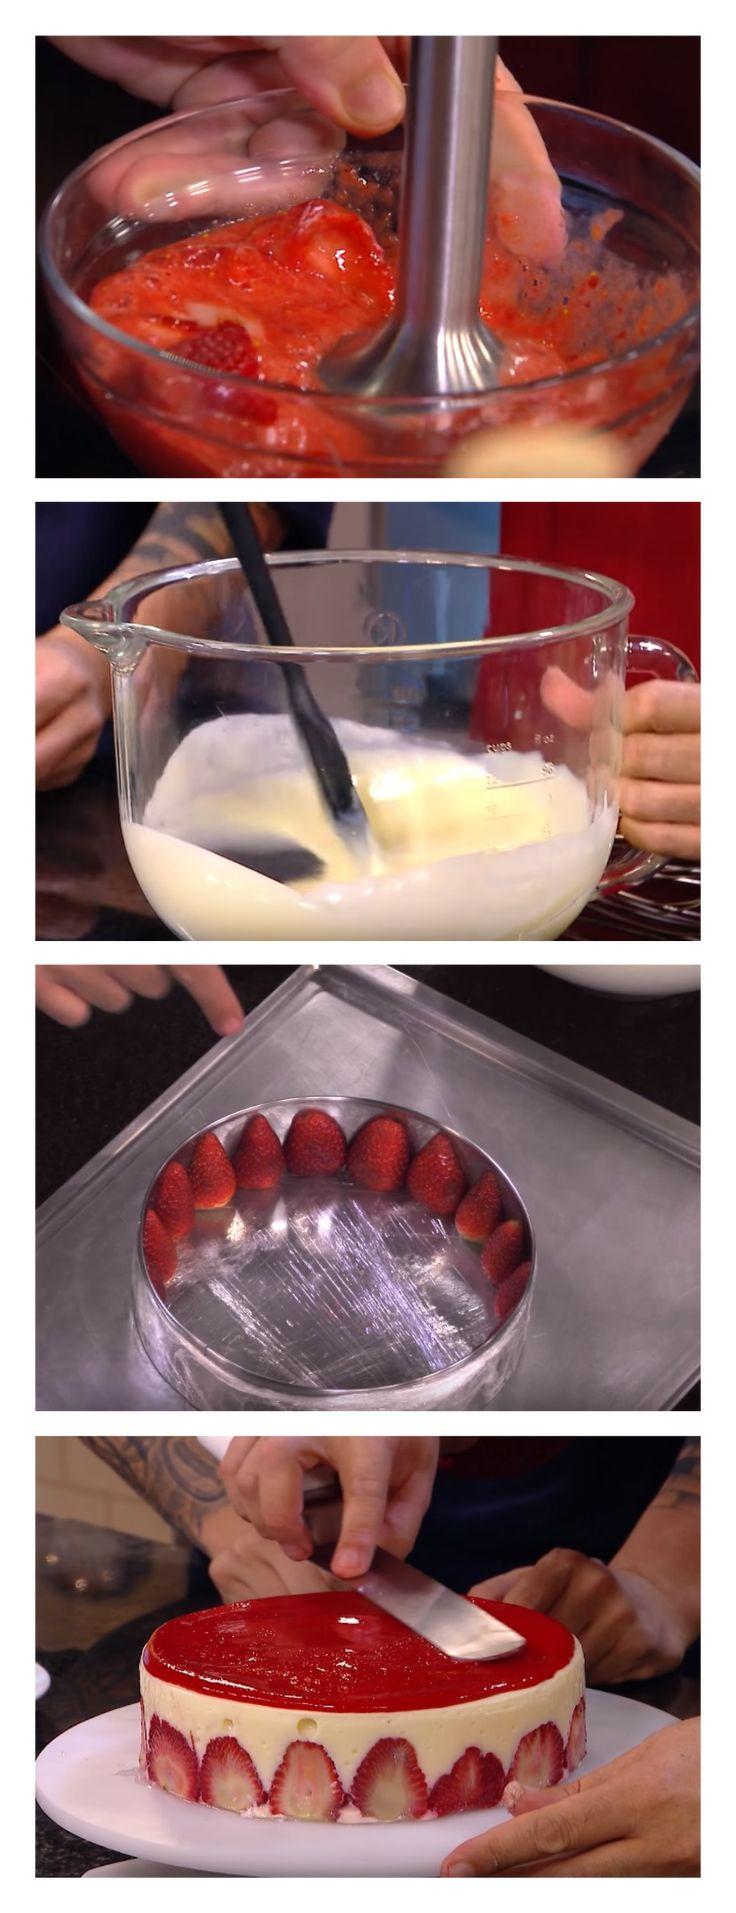 Torta de morangos ao champagne salve esse pin  Cortar alguns morangos ao meio e colocar nas laterais. 3. Despejar o creme de espumante sobre os morangos e cobri-los completamente #bolo#torta#doce#sobremesa#aniversario#pudim#mousse#pave#Cheesecake#chocolate